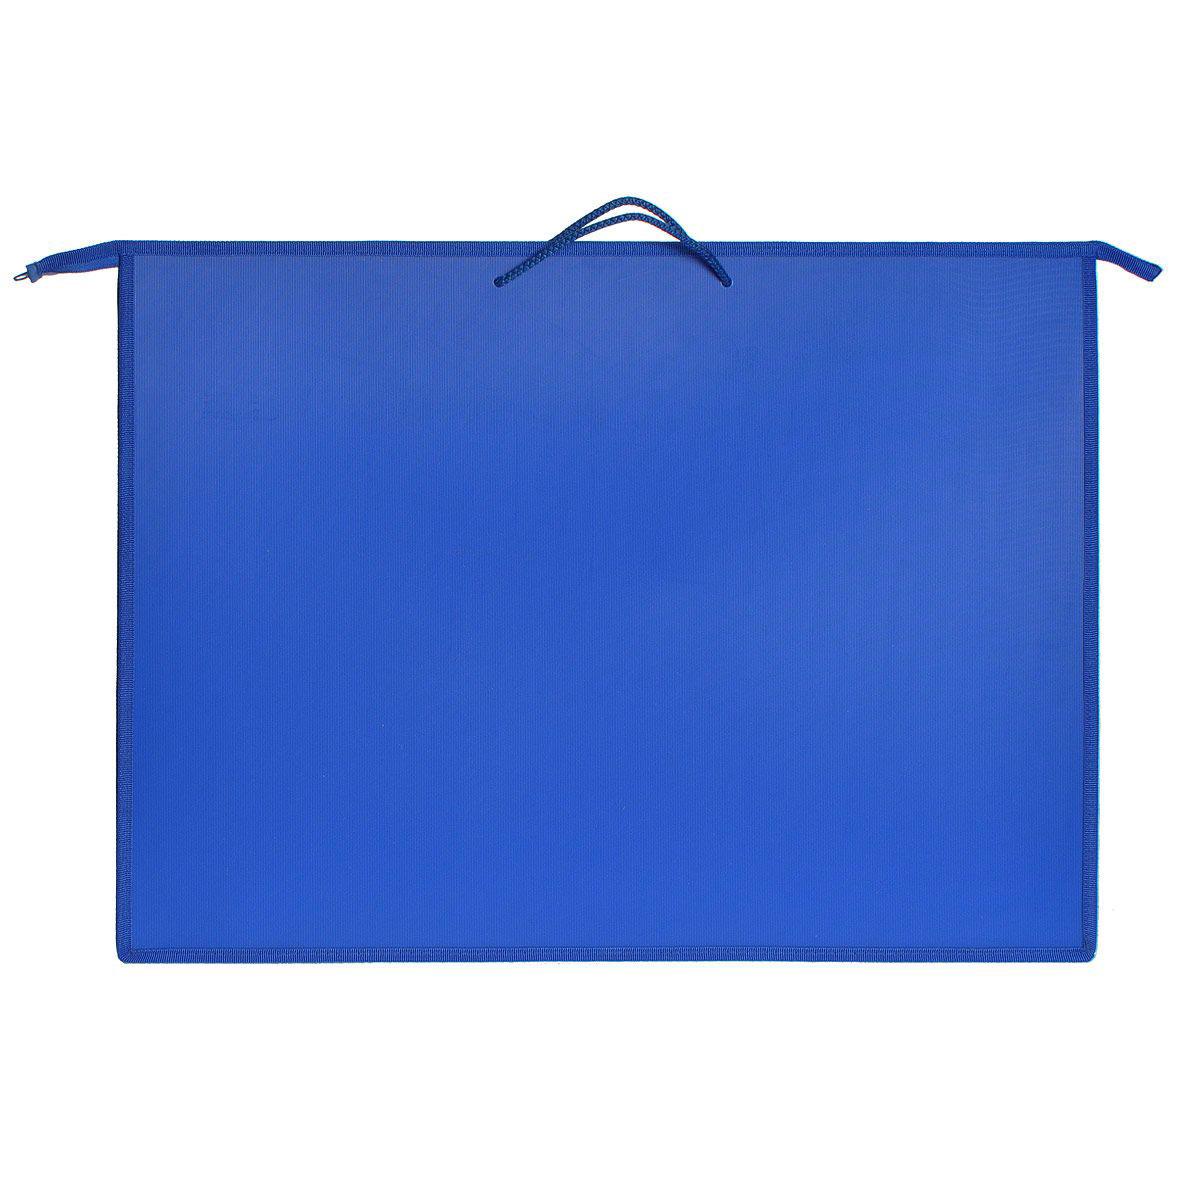 Оникс Папка для чертежей и рисунков, цвет: синий, формат А2K11185Папка для чертежей и рисунков Оникс предназначена для хранения чертежей, рисунков и прочих бумаг с максимальным форматом А2. Папкавыполнена из прочного материала синего цвета и содержит одно отделение. Надежная застежка-молния обеспечивает максимальный комфорт виспользовании изделия, позволяя быстро открыть и закрыть папку. Внутри папки находится небольшой широкий карман на застежке-молнии, предназначенный для пишущих принадлежностей, кистей и других мелочей. Карман оформлен изображениями забавных животных. Папка снабжена двумя текстильными ручками для переноски.